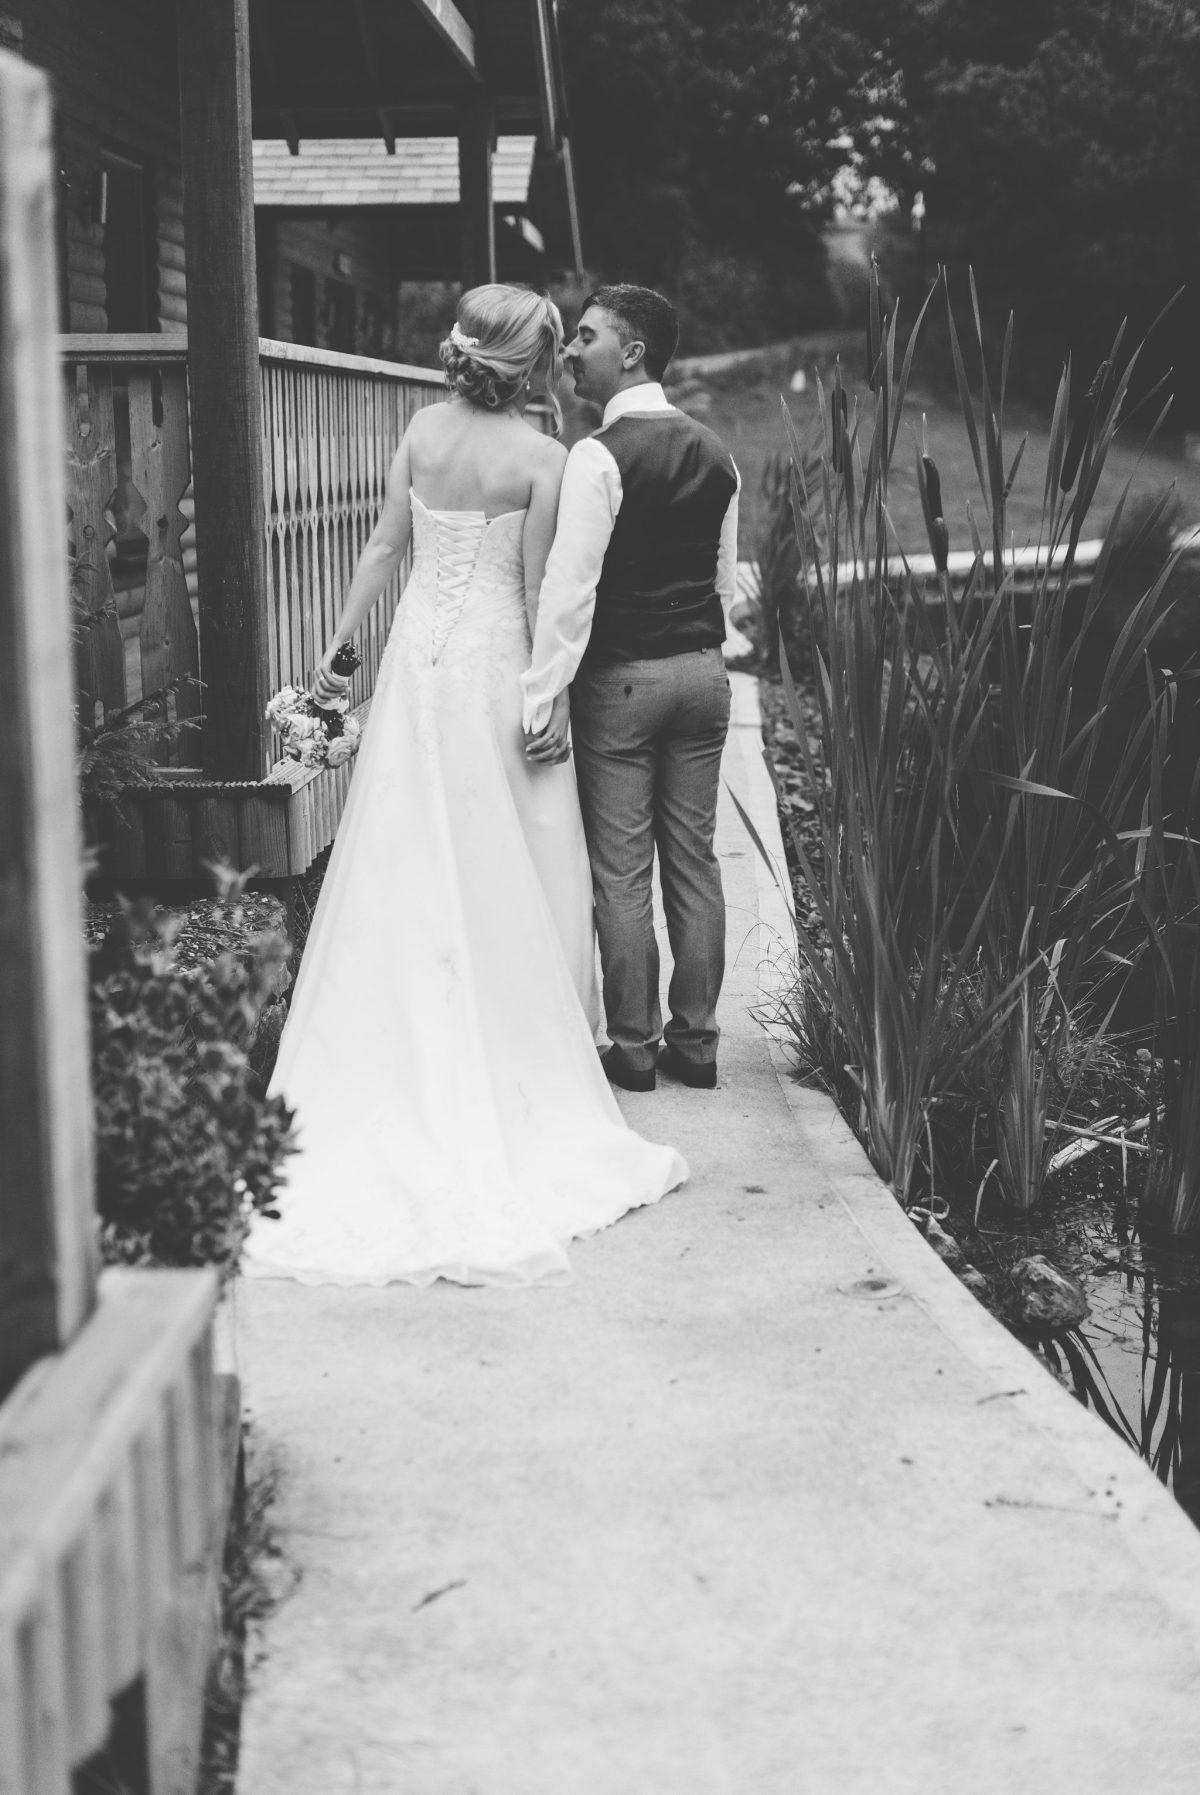 welsh_wedding_photographer_rachel_lambert_photography_canada_lake_lodge_michaela_haydn_ 99